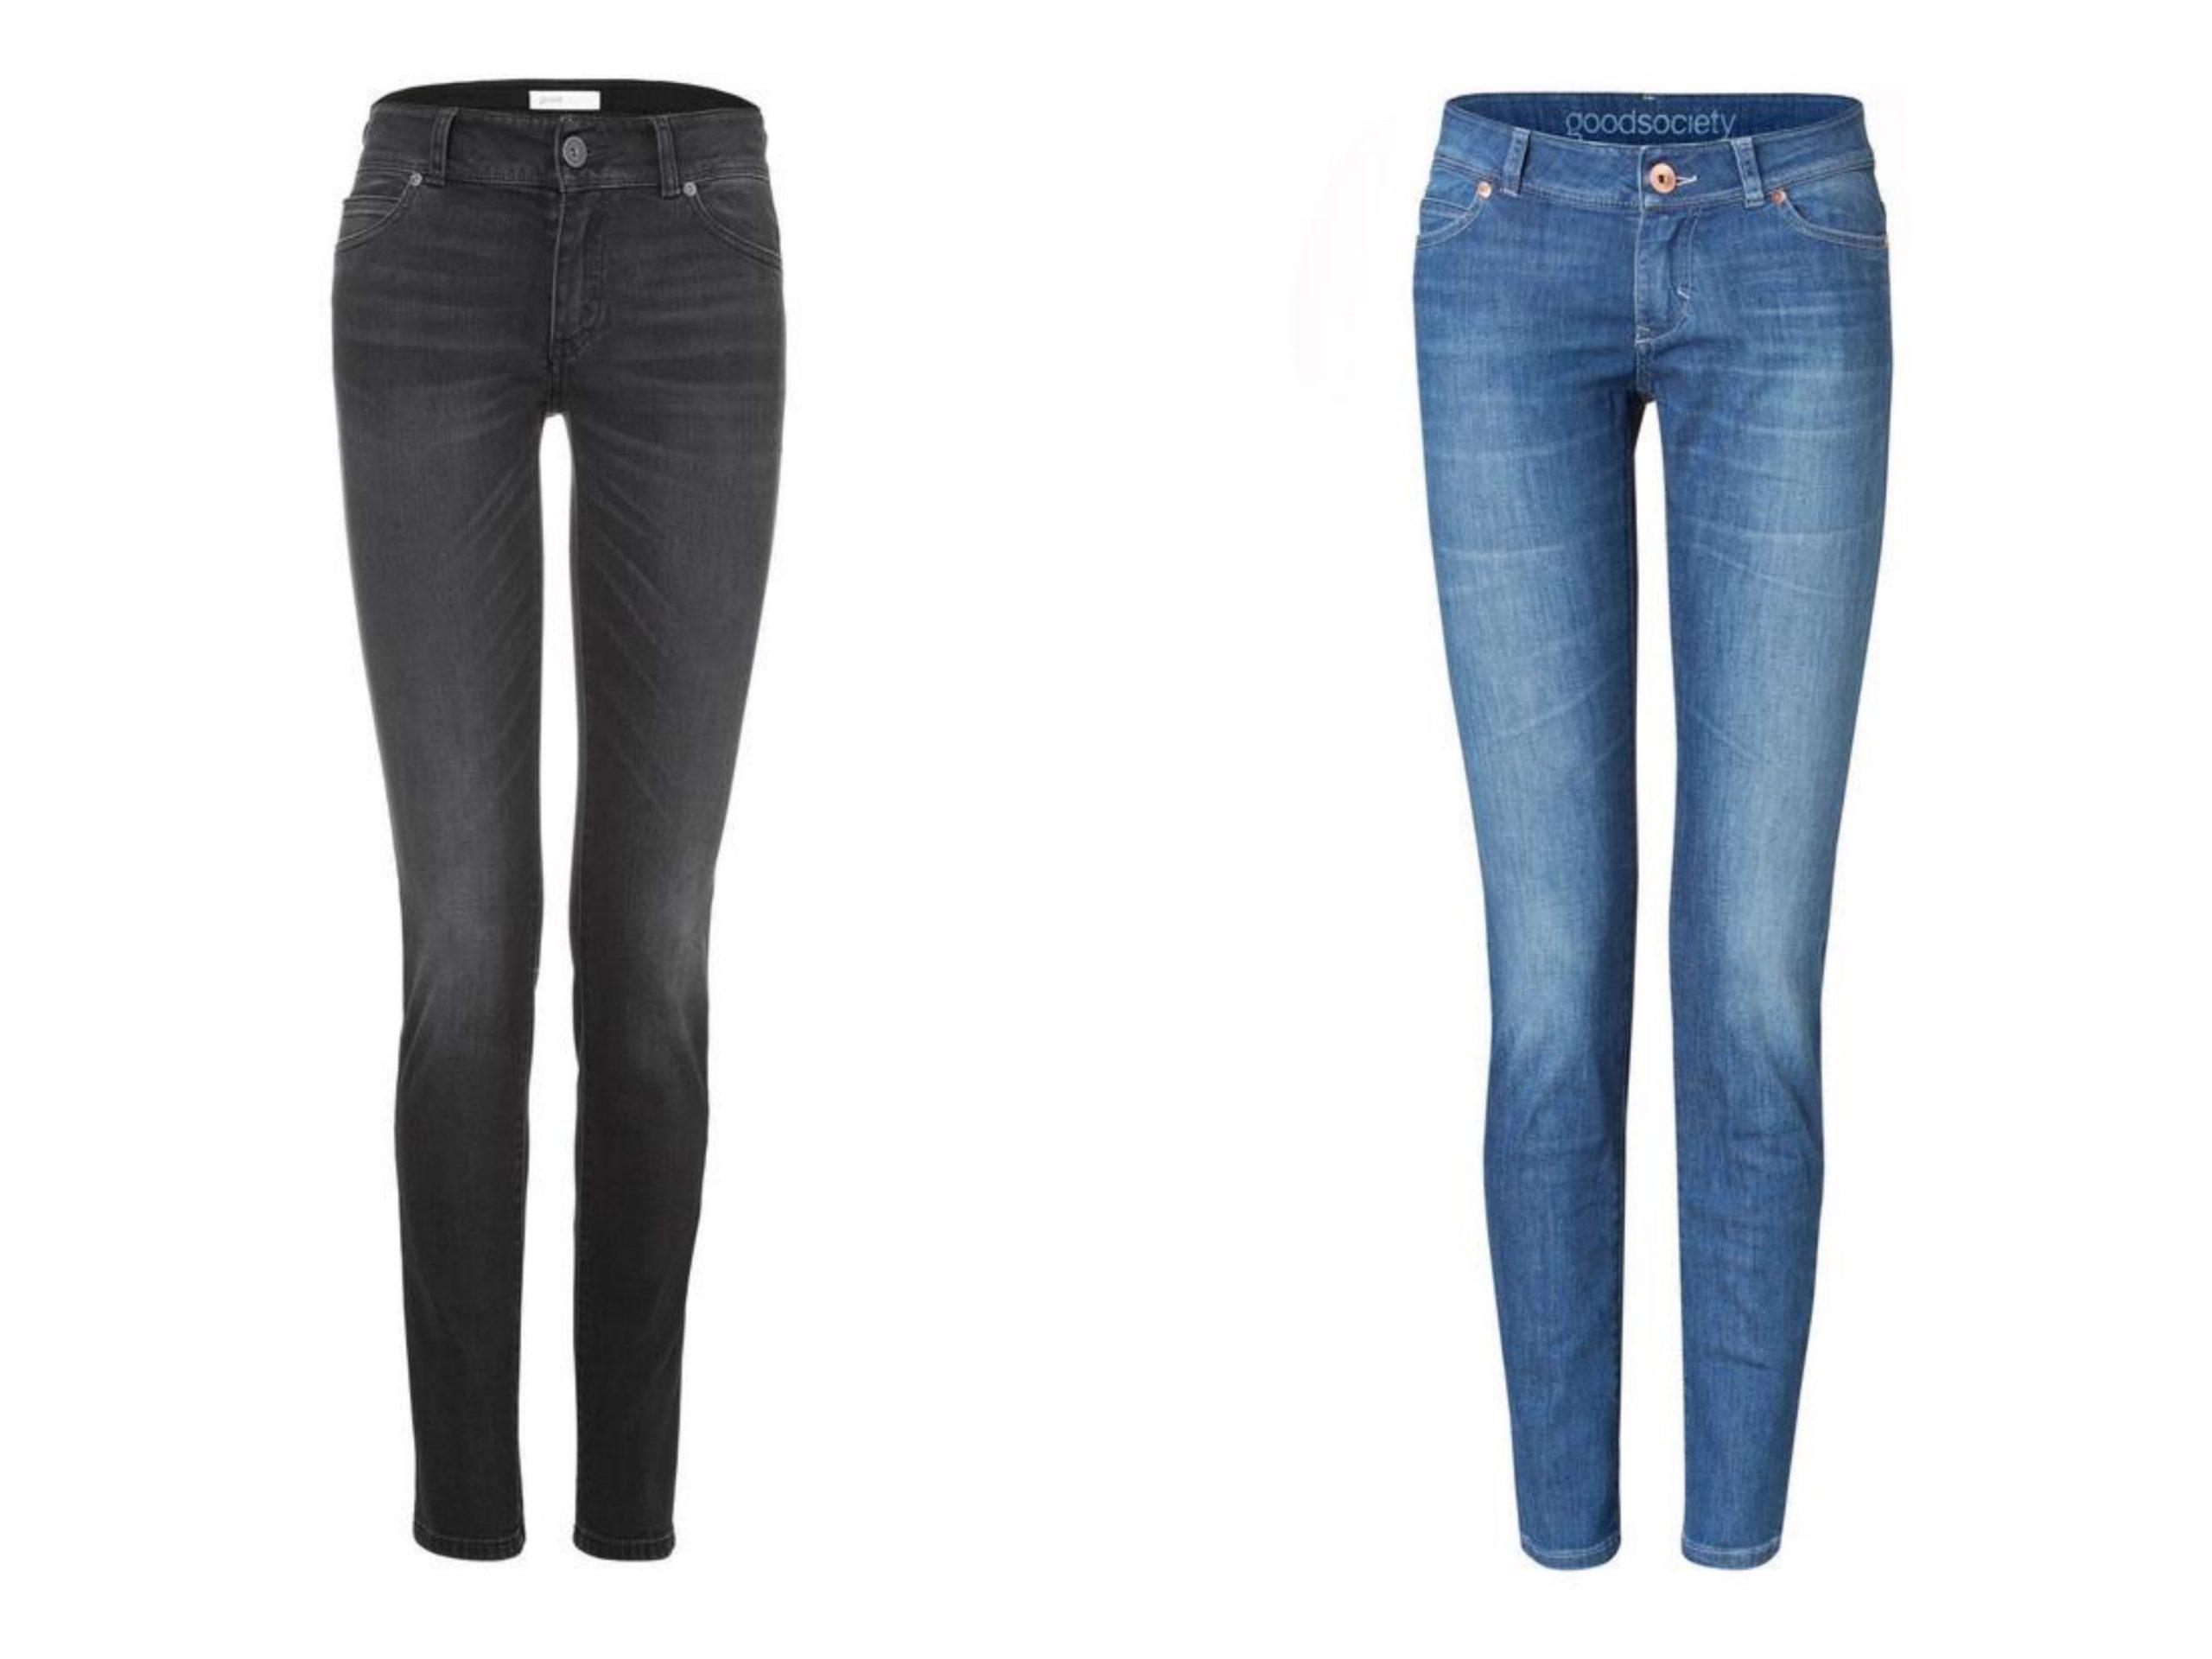 Nachhaltige Jeans: goodsociety